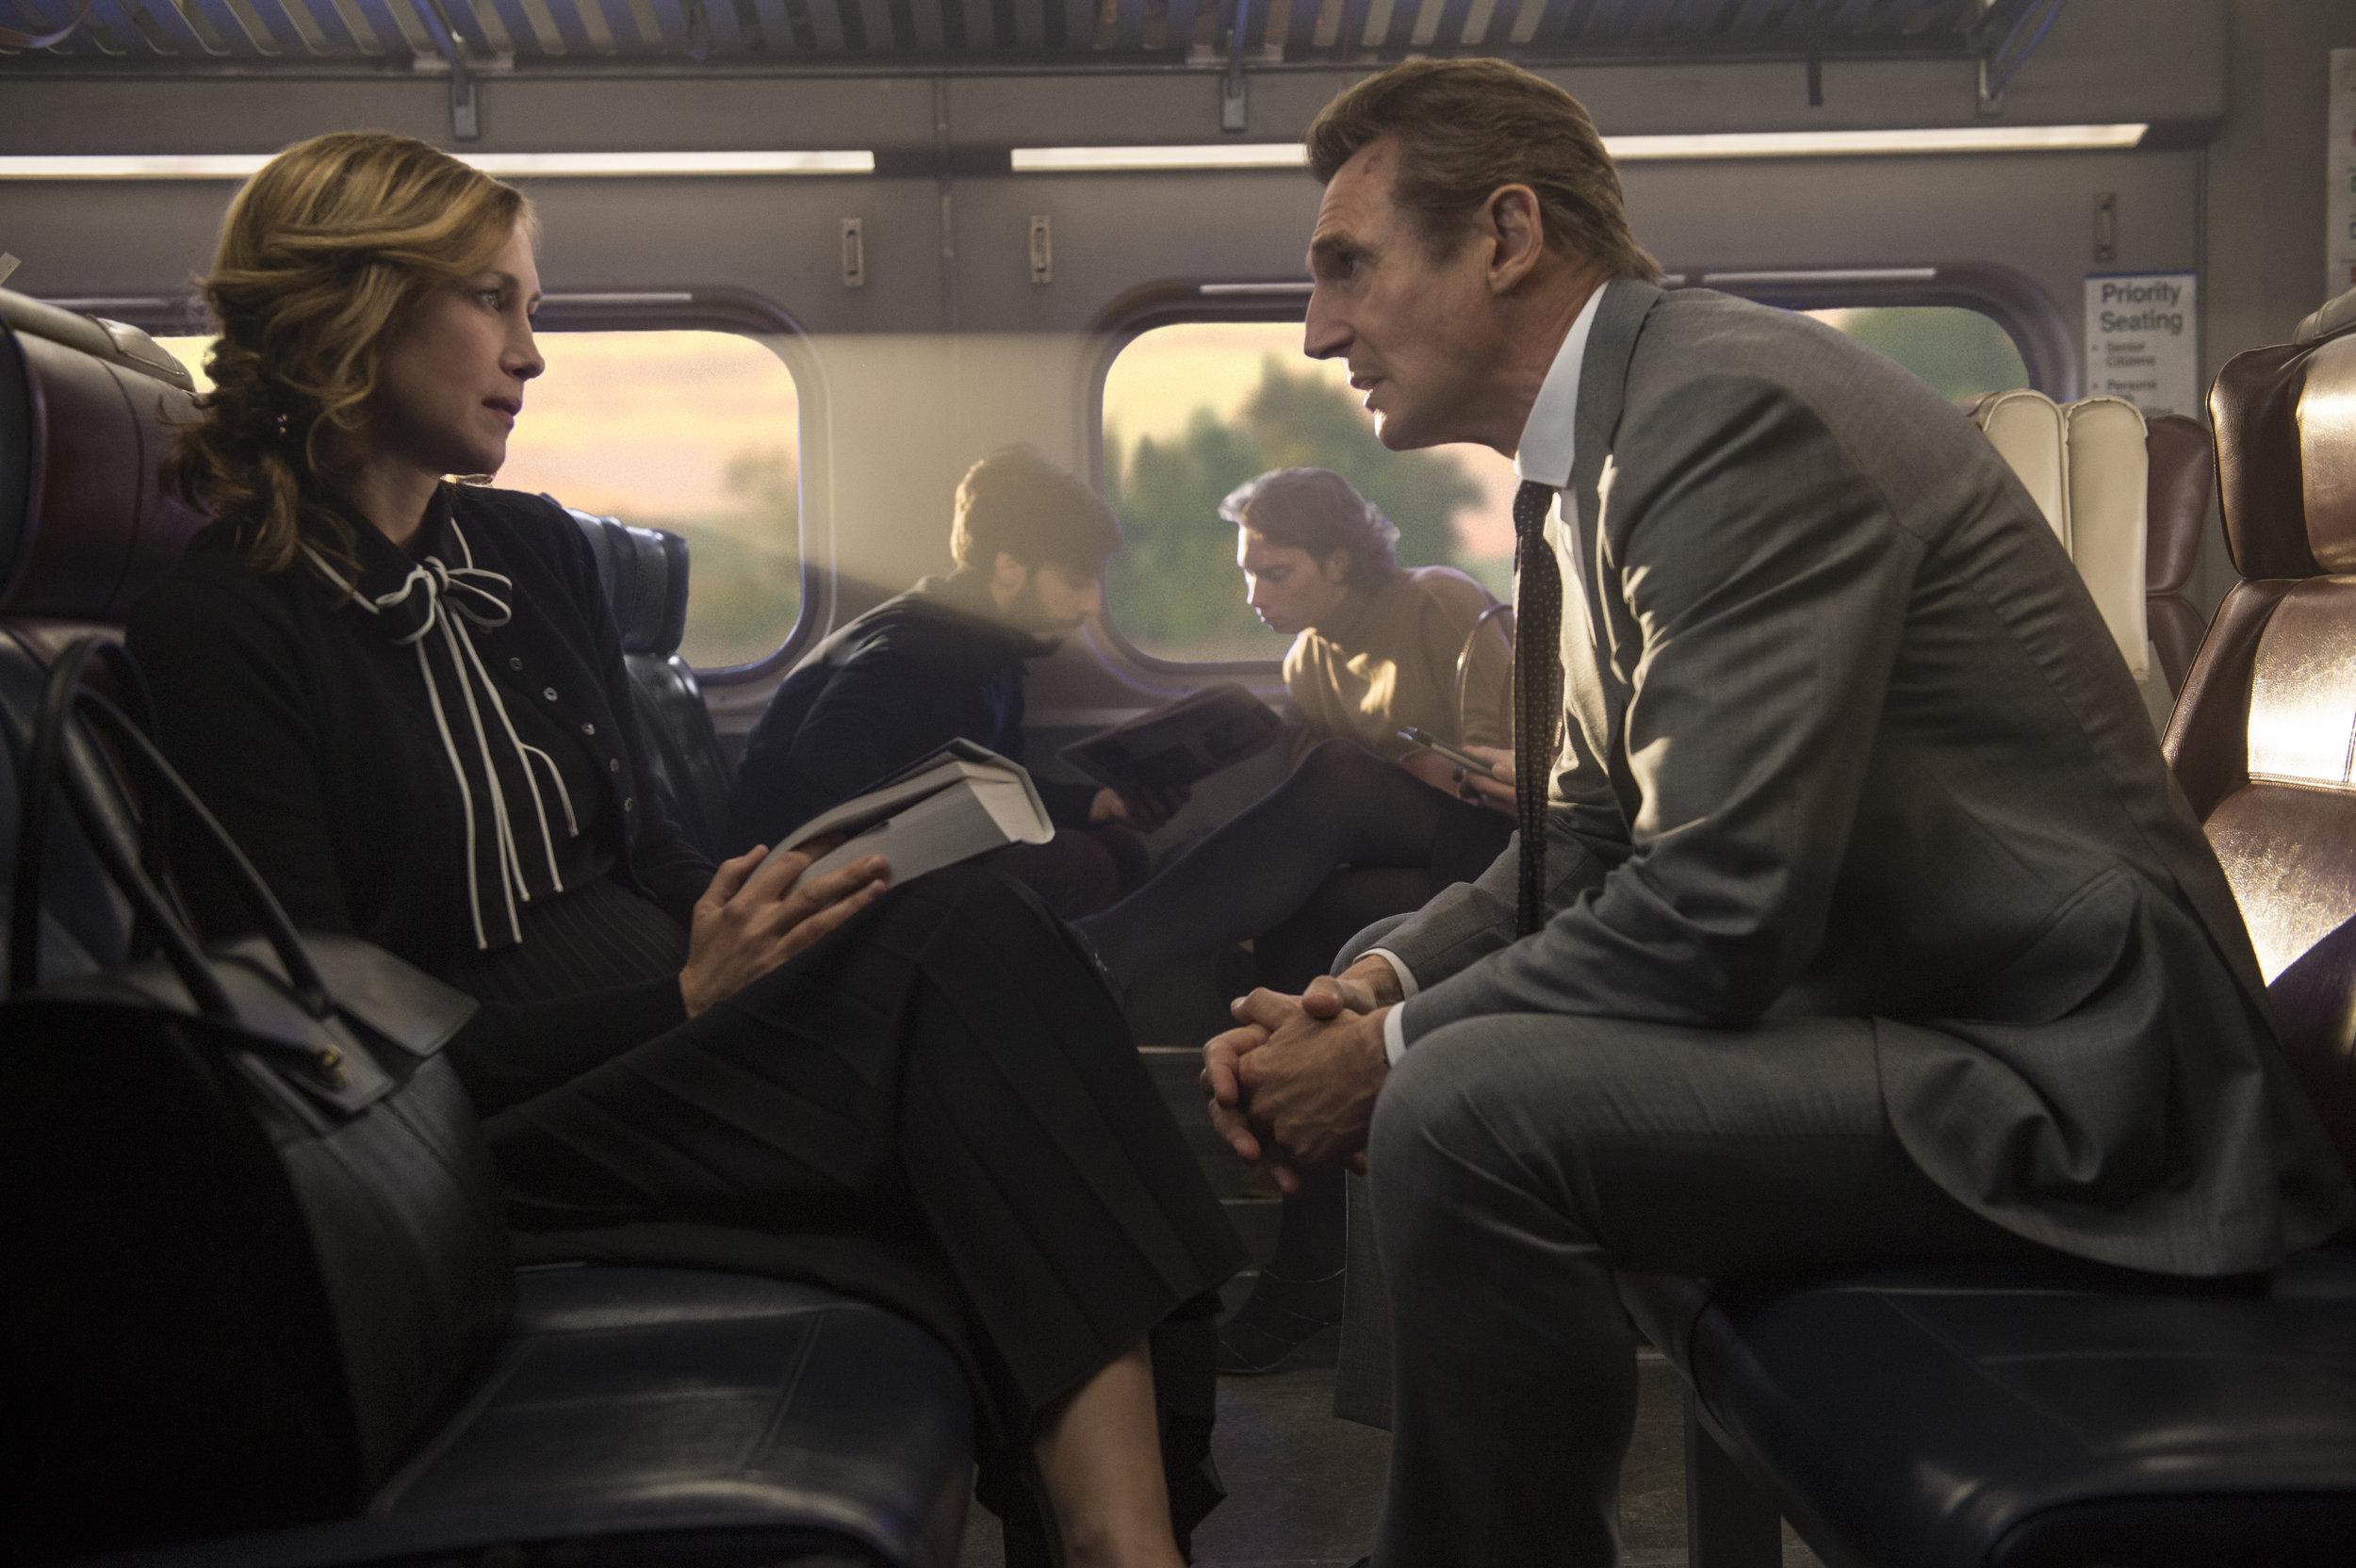 Vera Farmiga and Liam Neeson let the train take the strain. (Lionsgate)